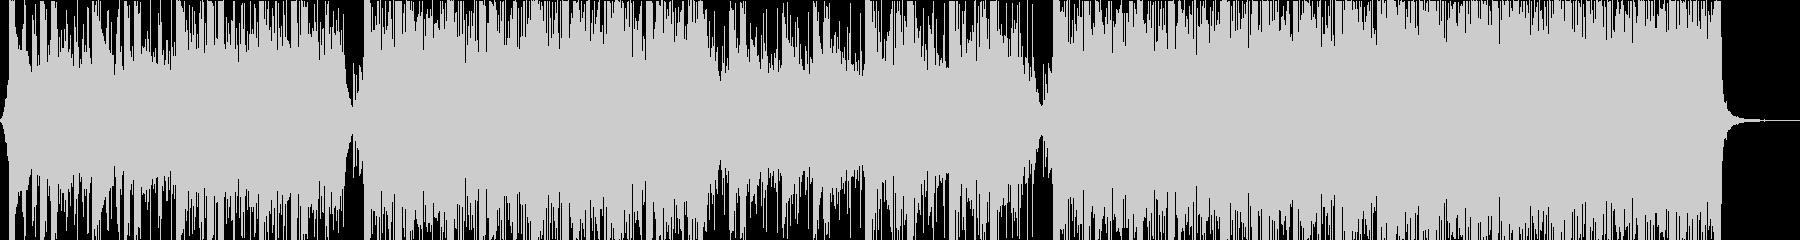 ポジティブなCM映像向けコーポレート楽曲の未再生の波形